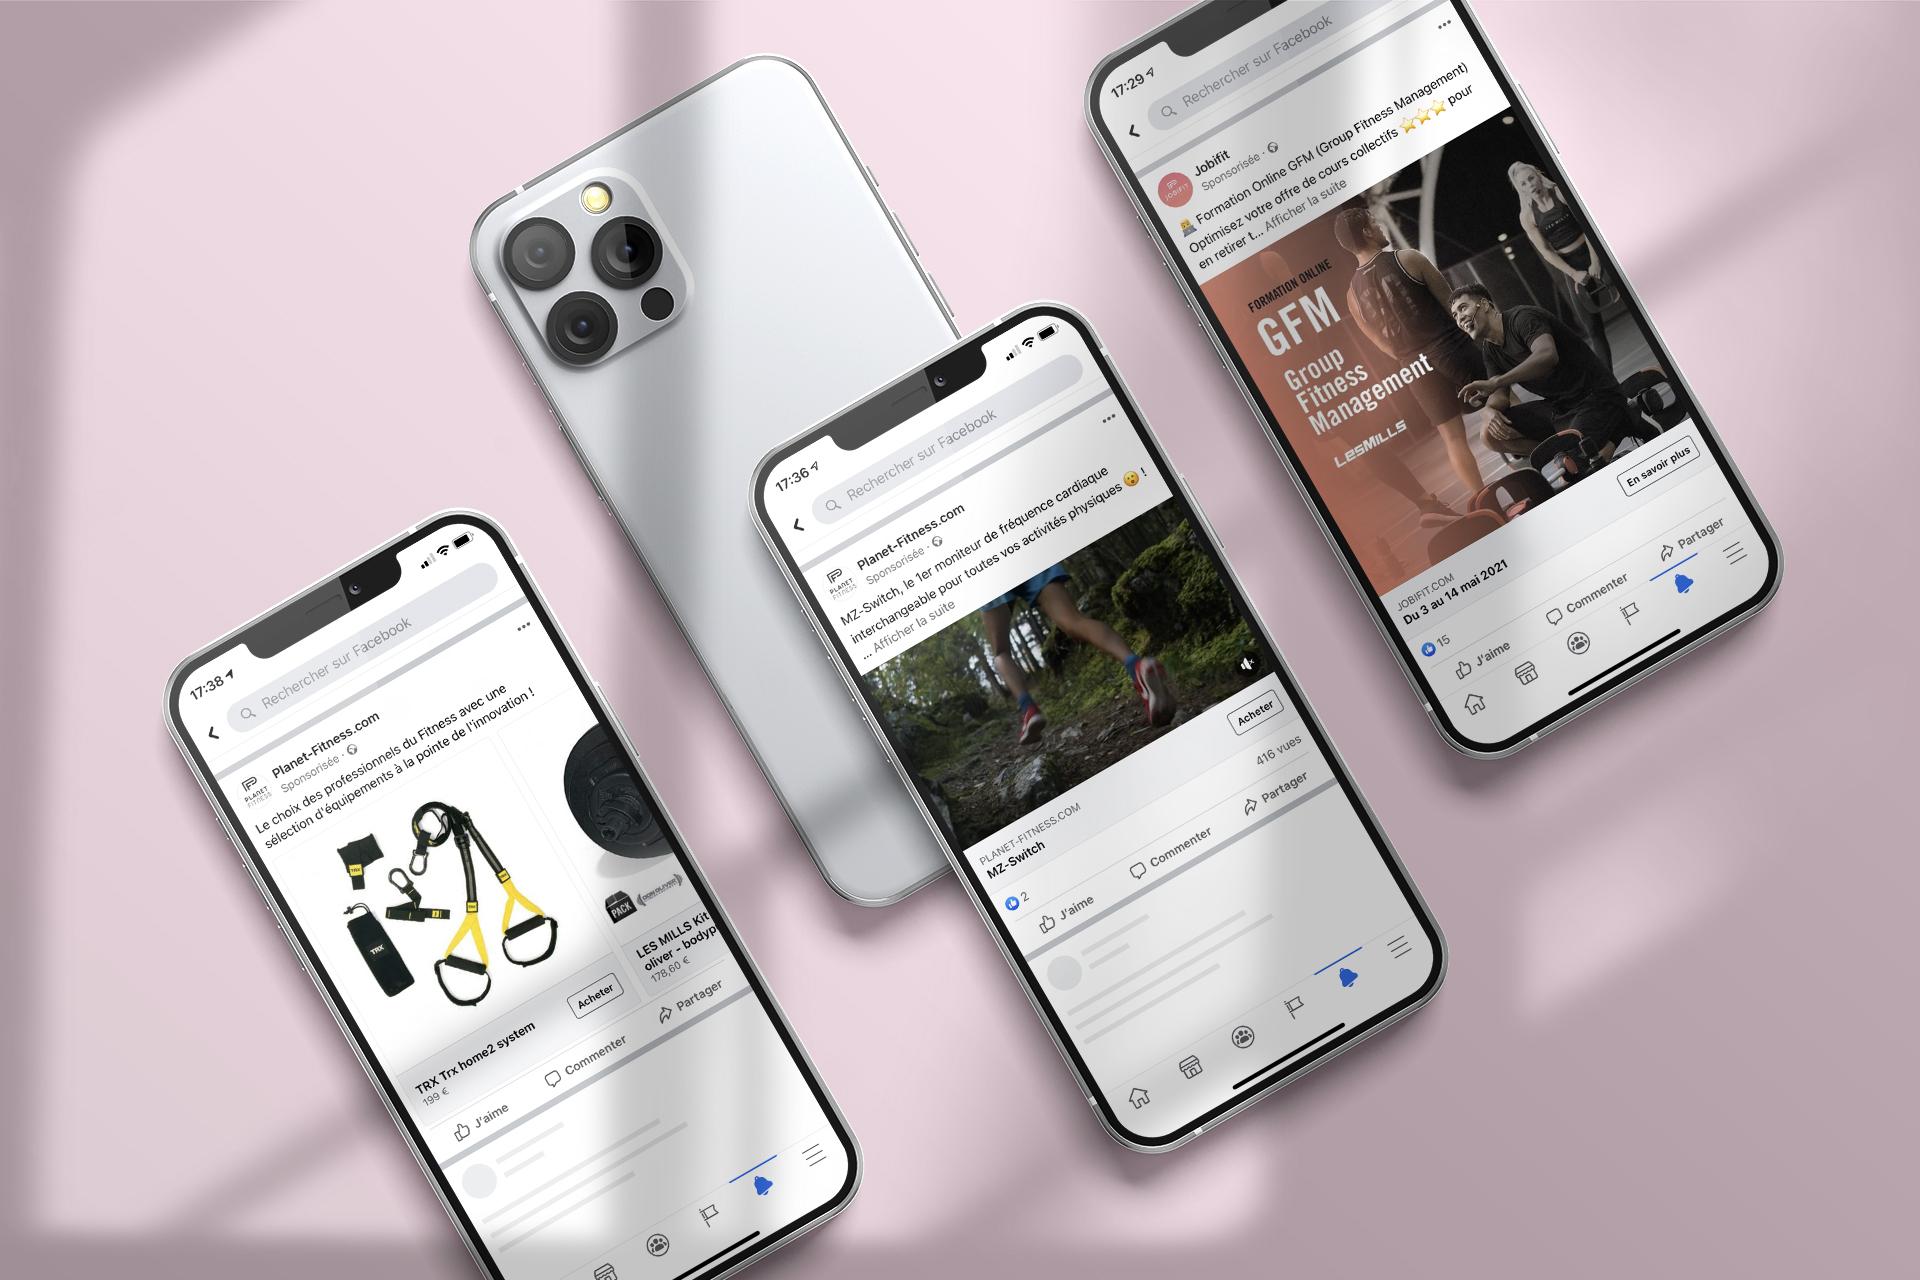 3 iphones ouverts sur les pages Facebook de Planet Fitness